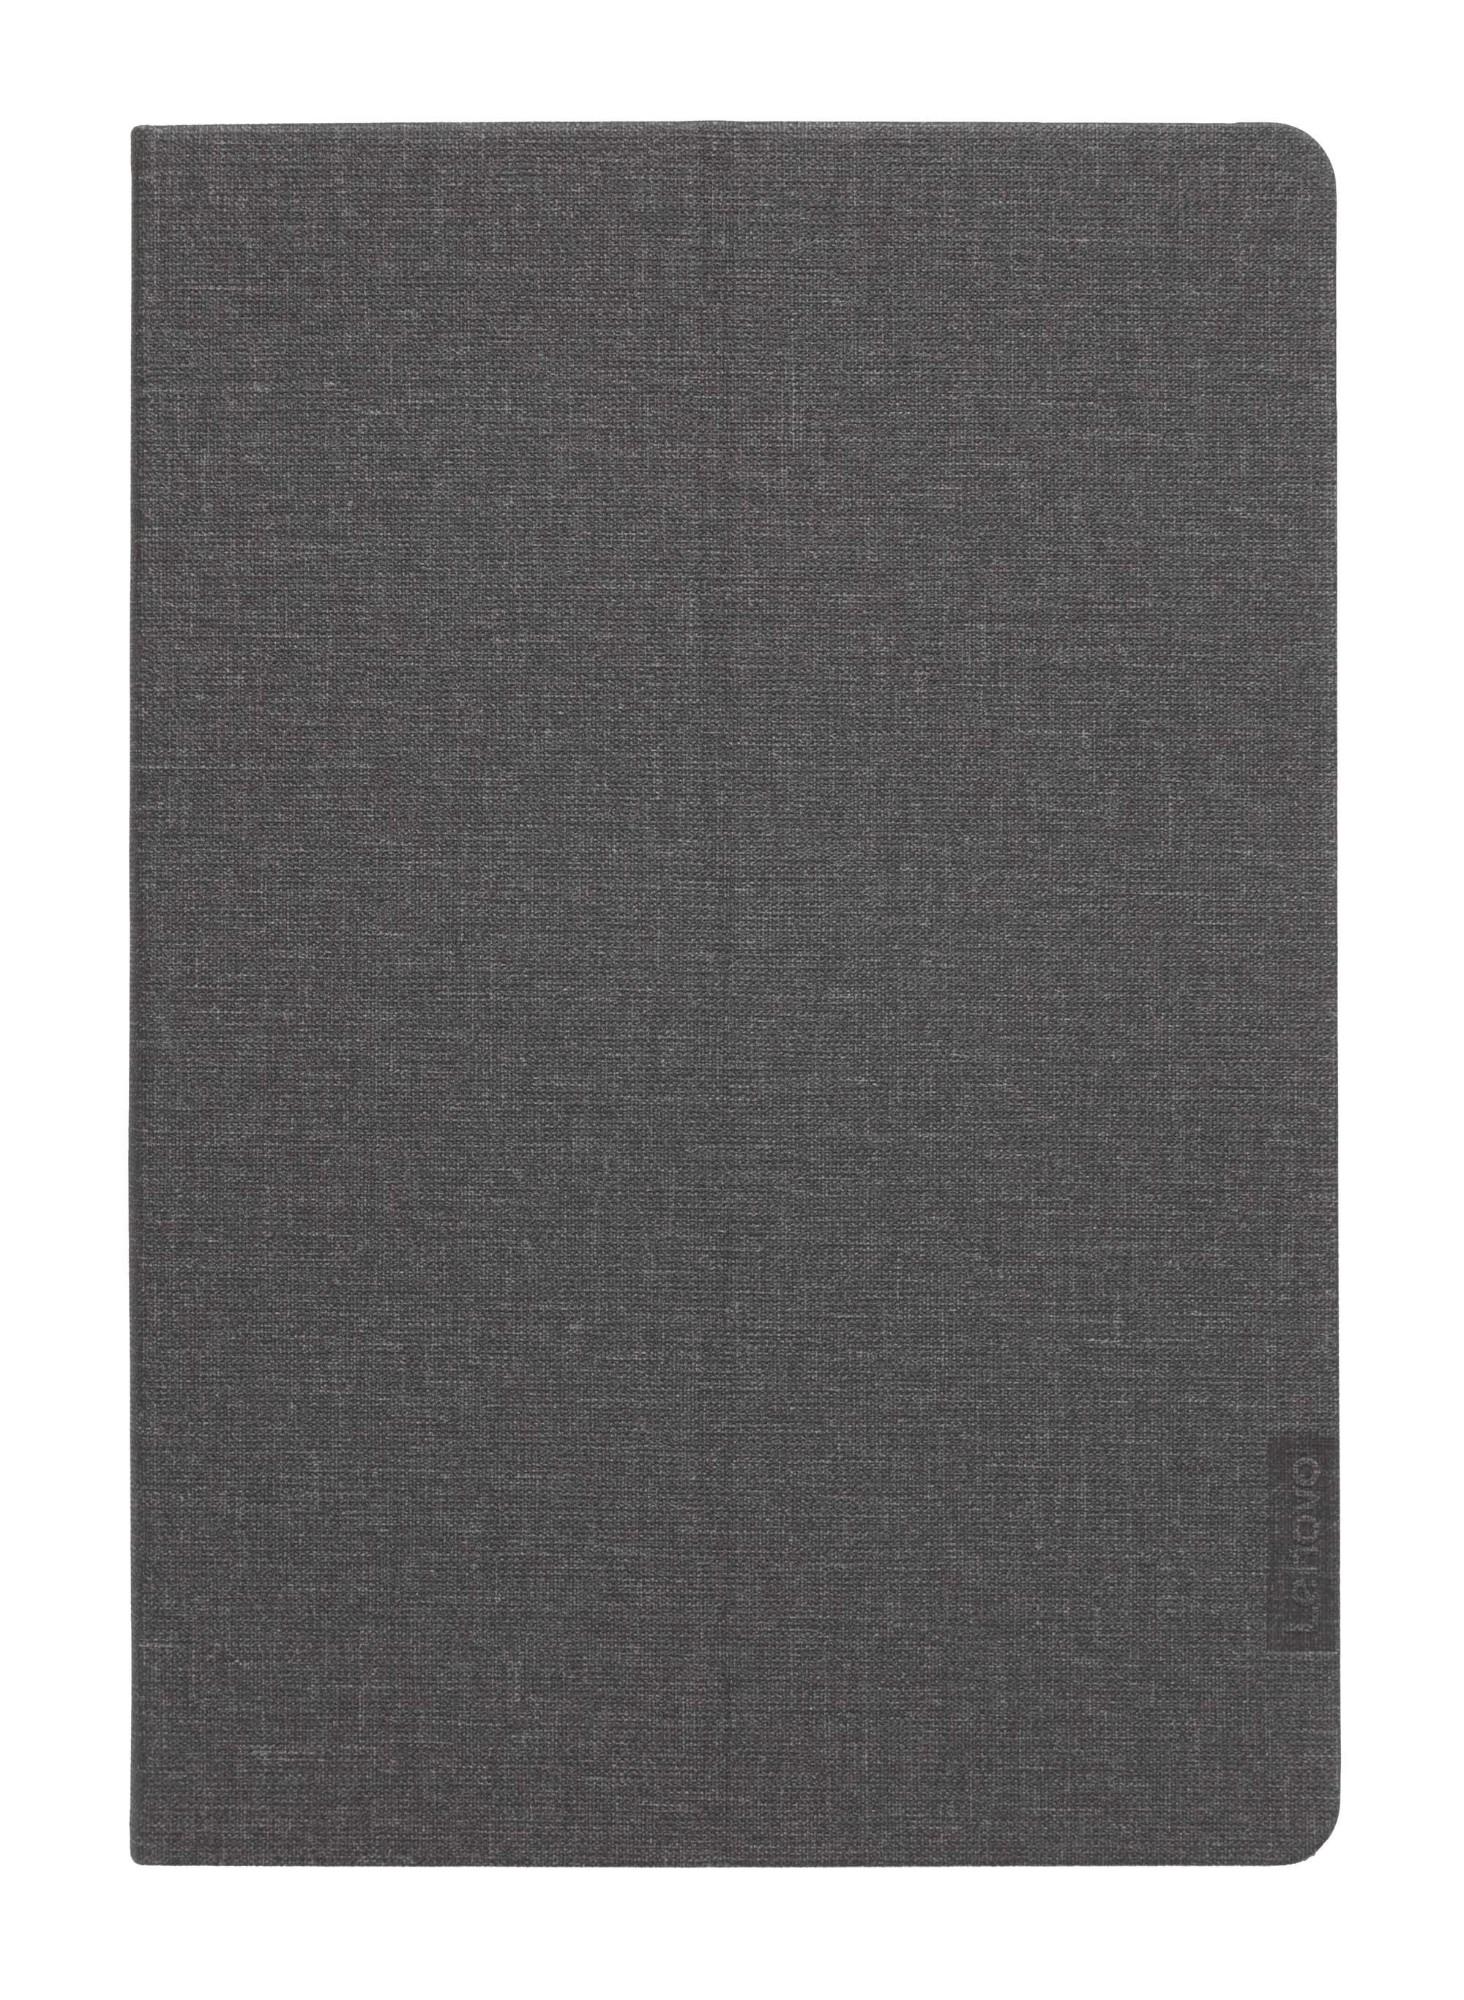 Lenovo ZG38C02703 tablet case 25.4 cm 10